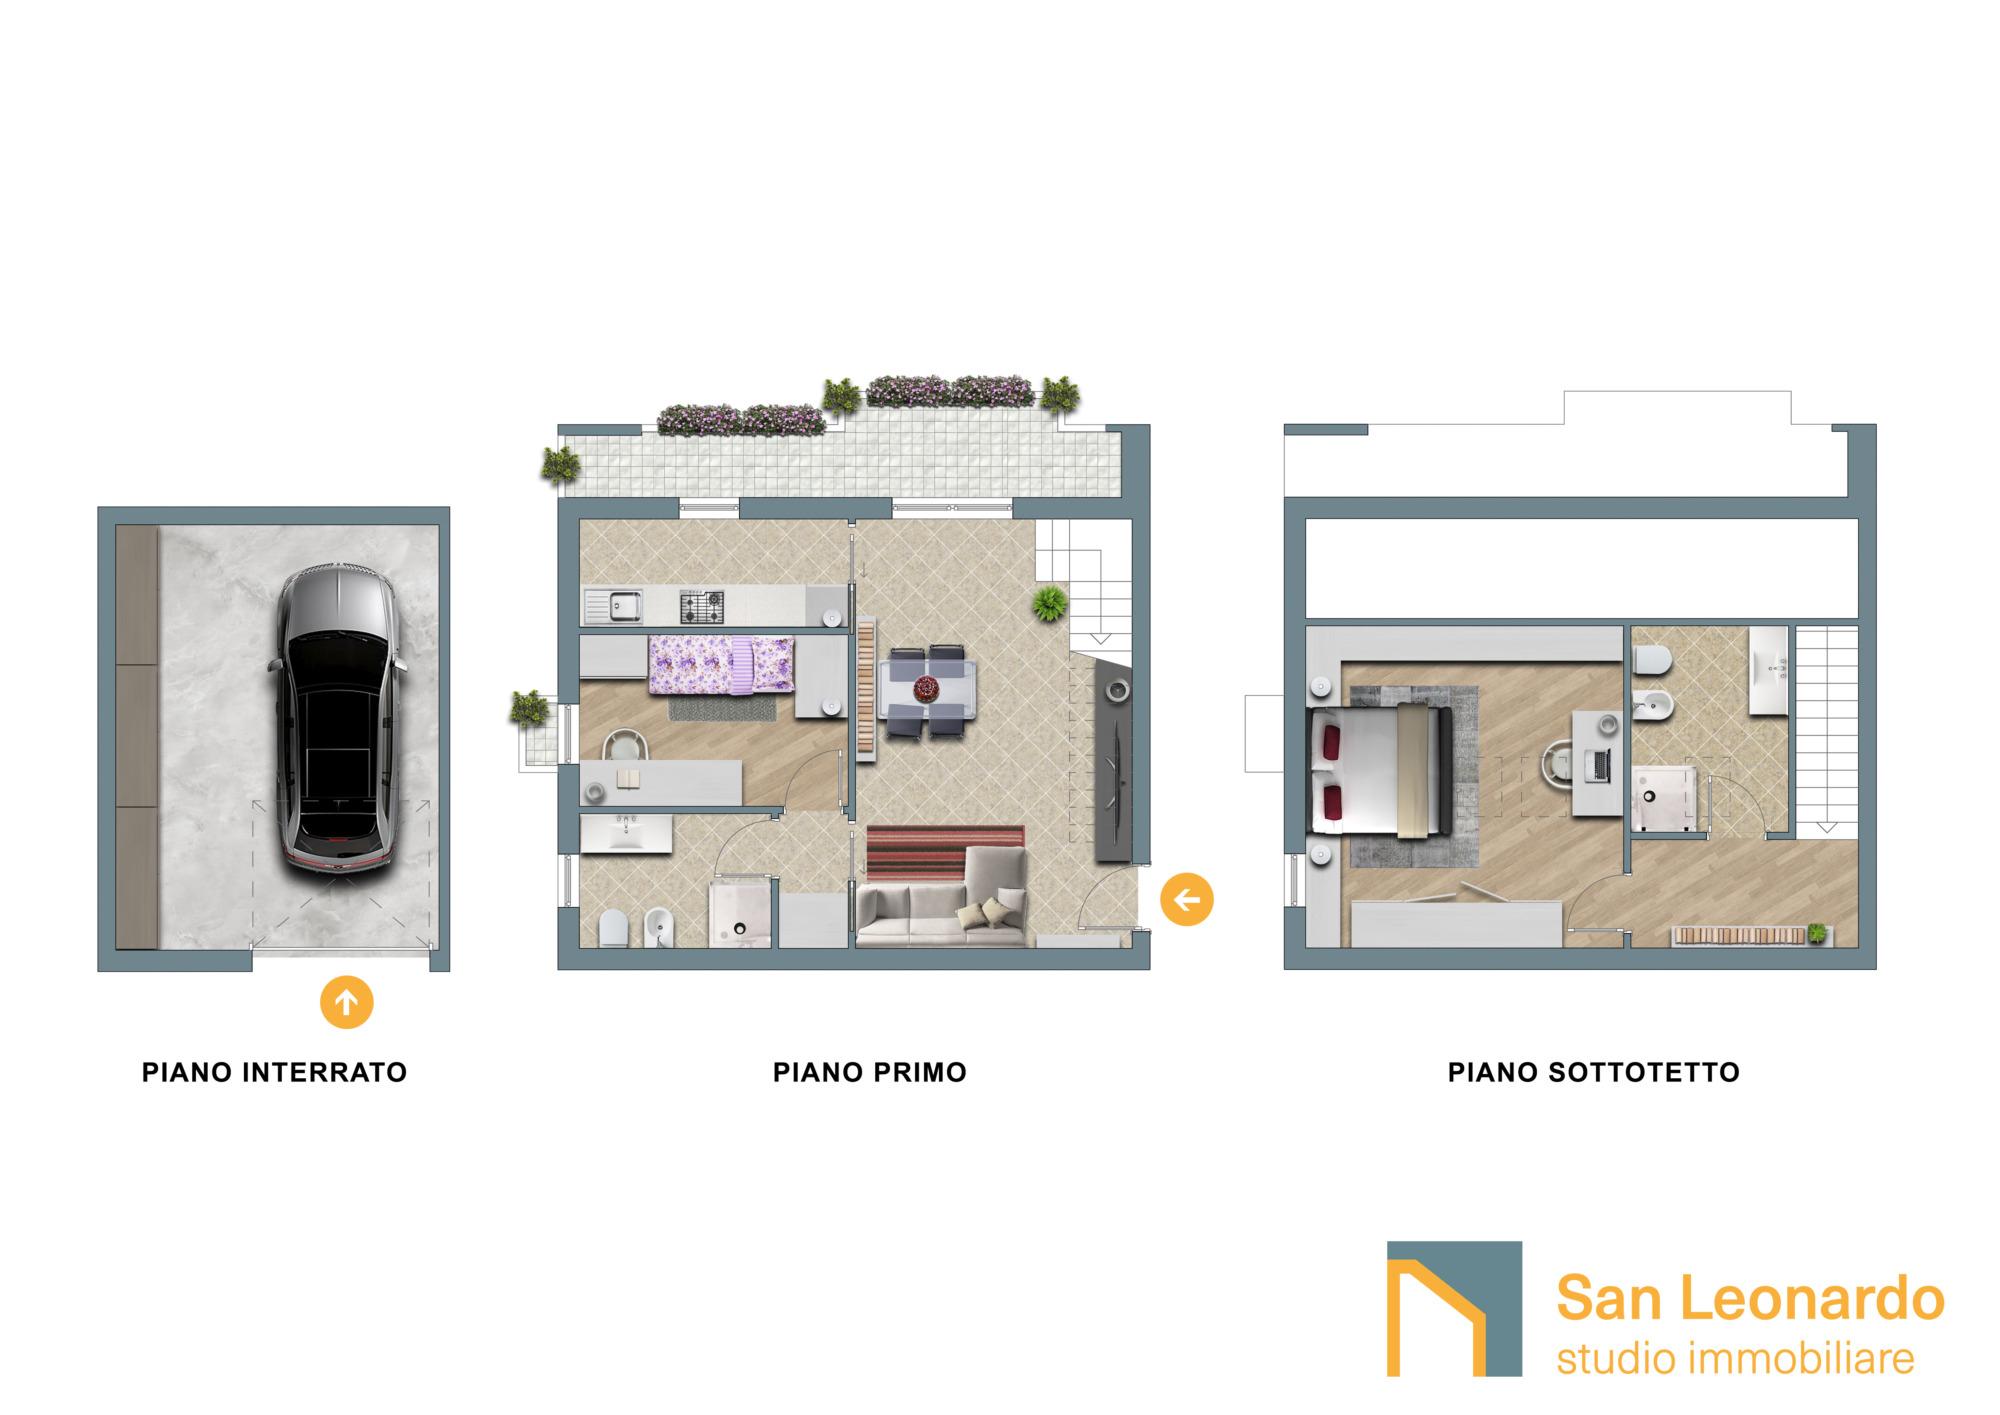 plani d studio san leonardo abitazione